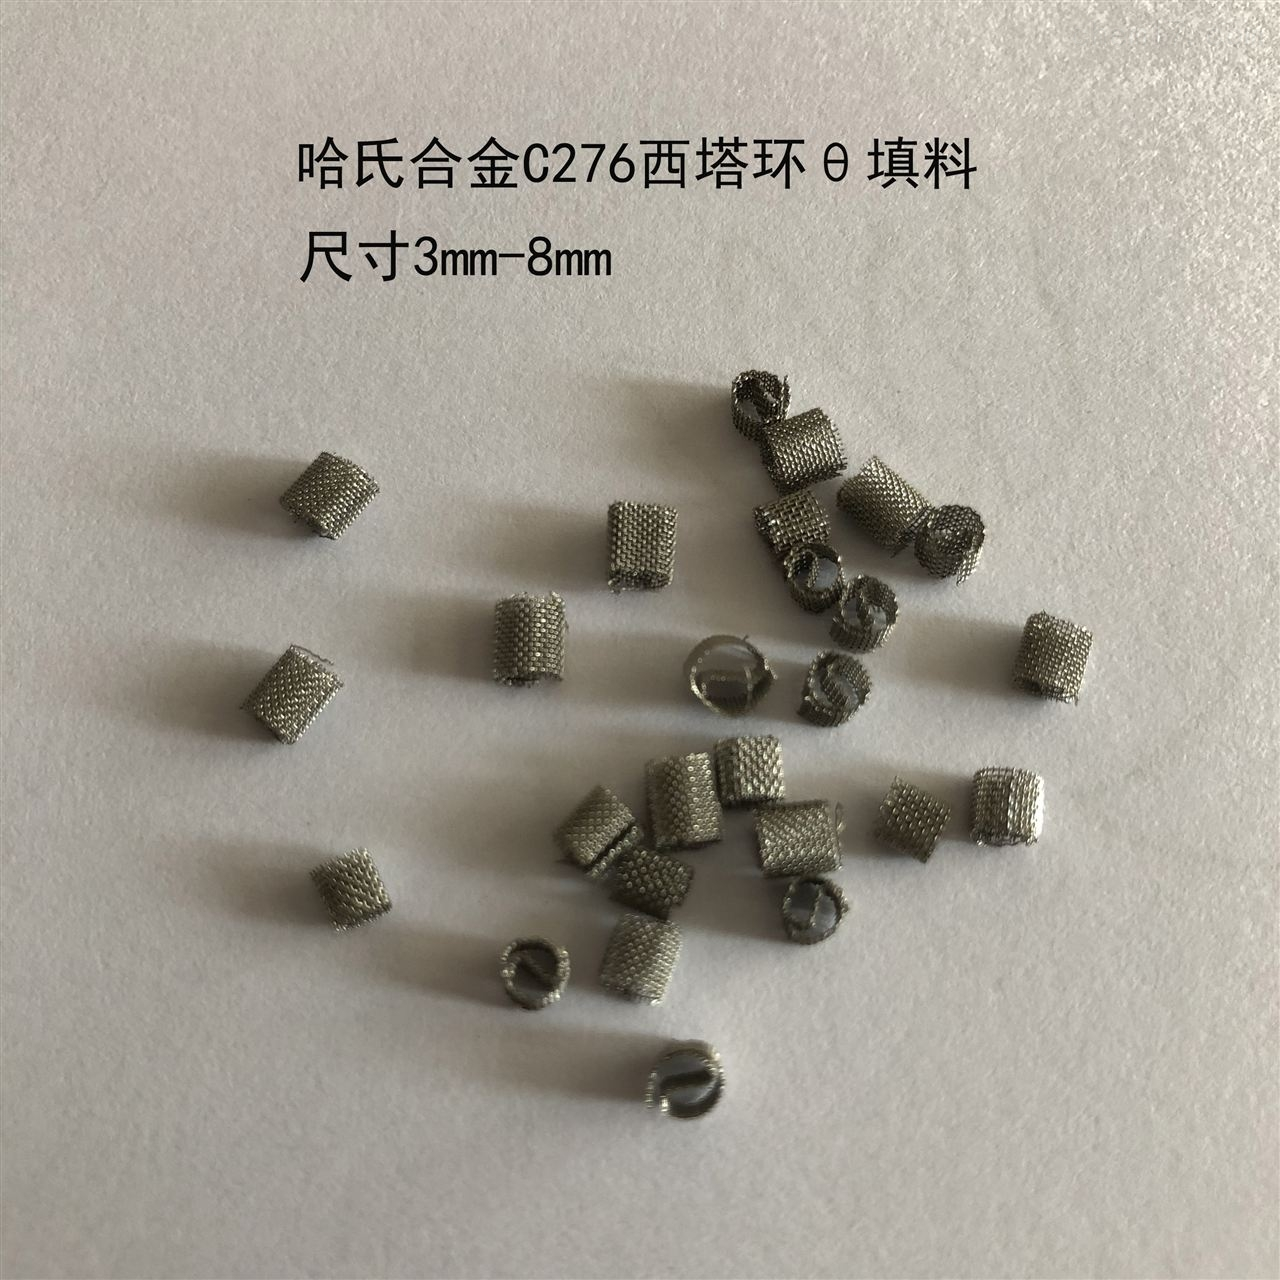 哈氏合金C276精馏塔西塔环θ填料